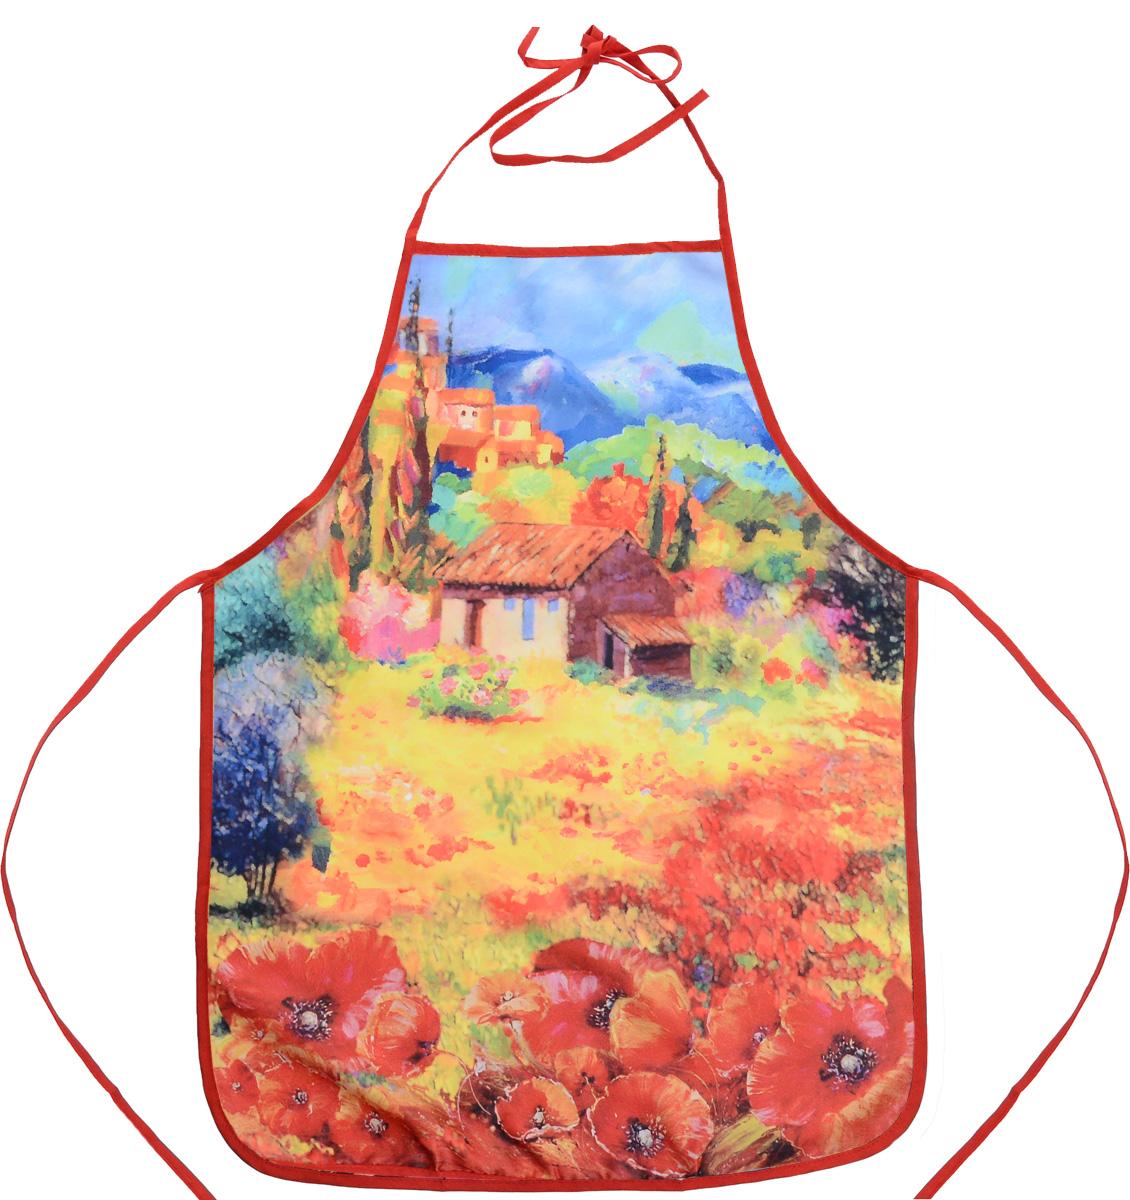 Фартук Bonita Севилья, 55 х 73 смVT-1520(SR)Фартук Bonita Севилья изготовлен из прочного полиэстера и декорирован красивым изображением маков в стиле импрессионизма. Фартук оснащен завязками. Имеет универсальный размер.Такой фартук поможет вам избежать попадания еды на одежду во время приготовления пищи. Кухня - это сердце дома, где вся семья собирается вместе. Она бережно хранит и поддерживает жизнь домашнего очага, который нас согревает. Именно поэтому так важно создать здесь атмосферу, которая не только возбудит аппетит, но и наполнит жизненной энергией. С текстилем Bonita открывается возможность не только каждый день дарить кухне новый облик, но и создавать настоящие кулинарные шедевры. Bonita станет незаменимым помощником и идейным вдохновителем, создающим вкусное настроение на вашей кухне.